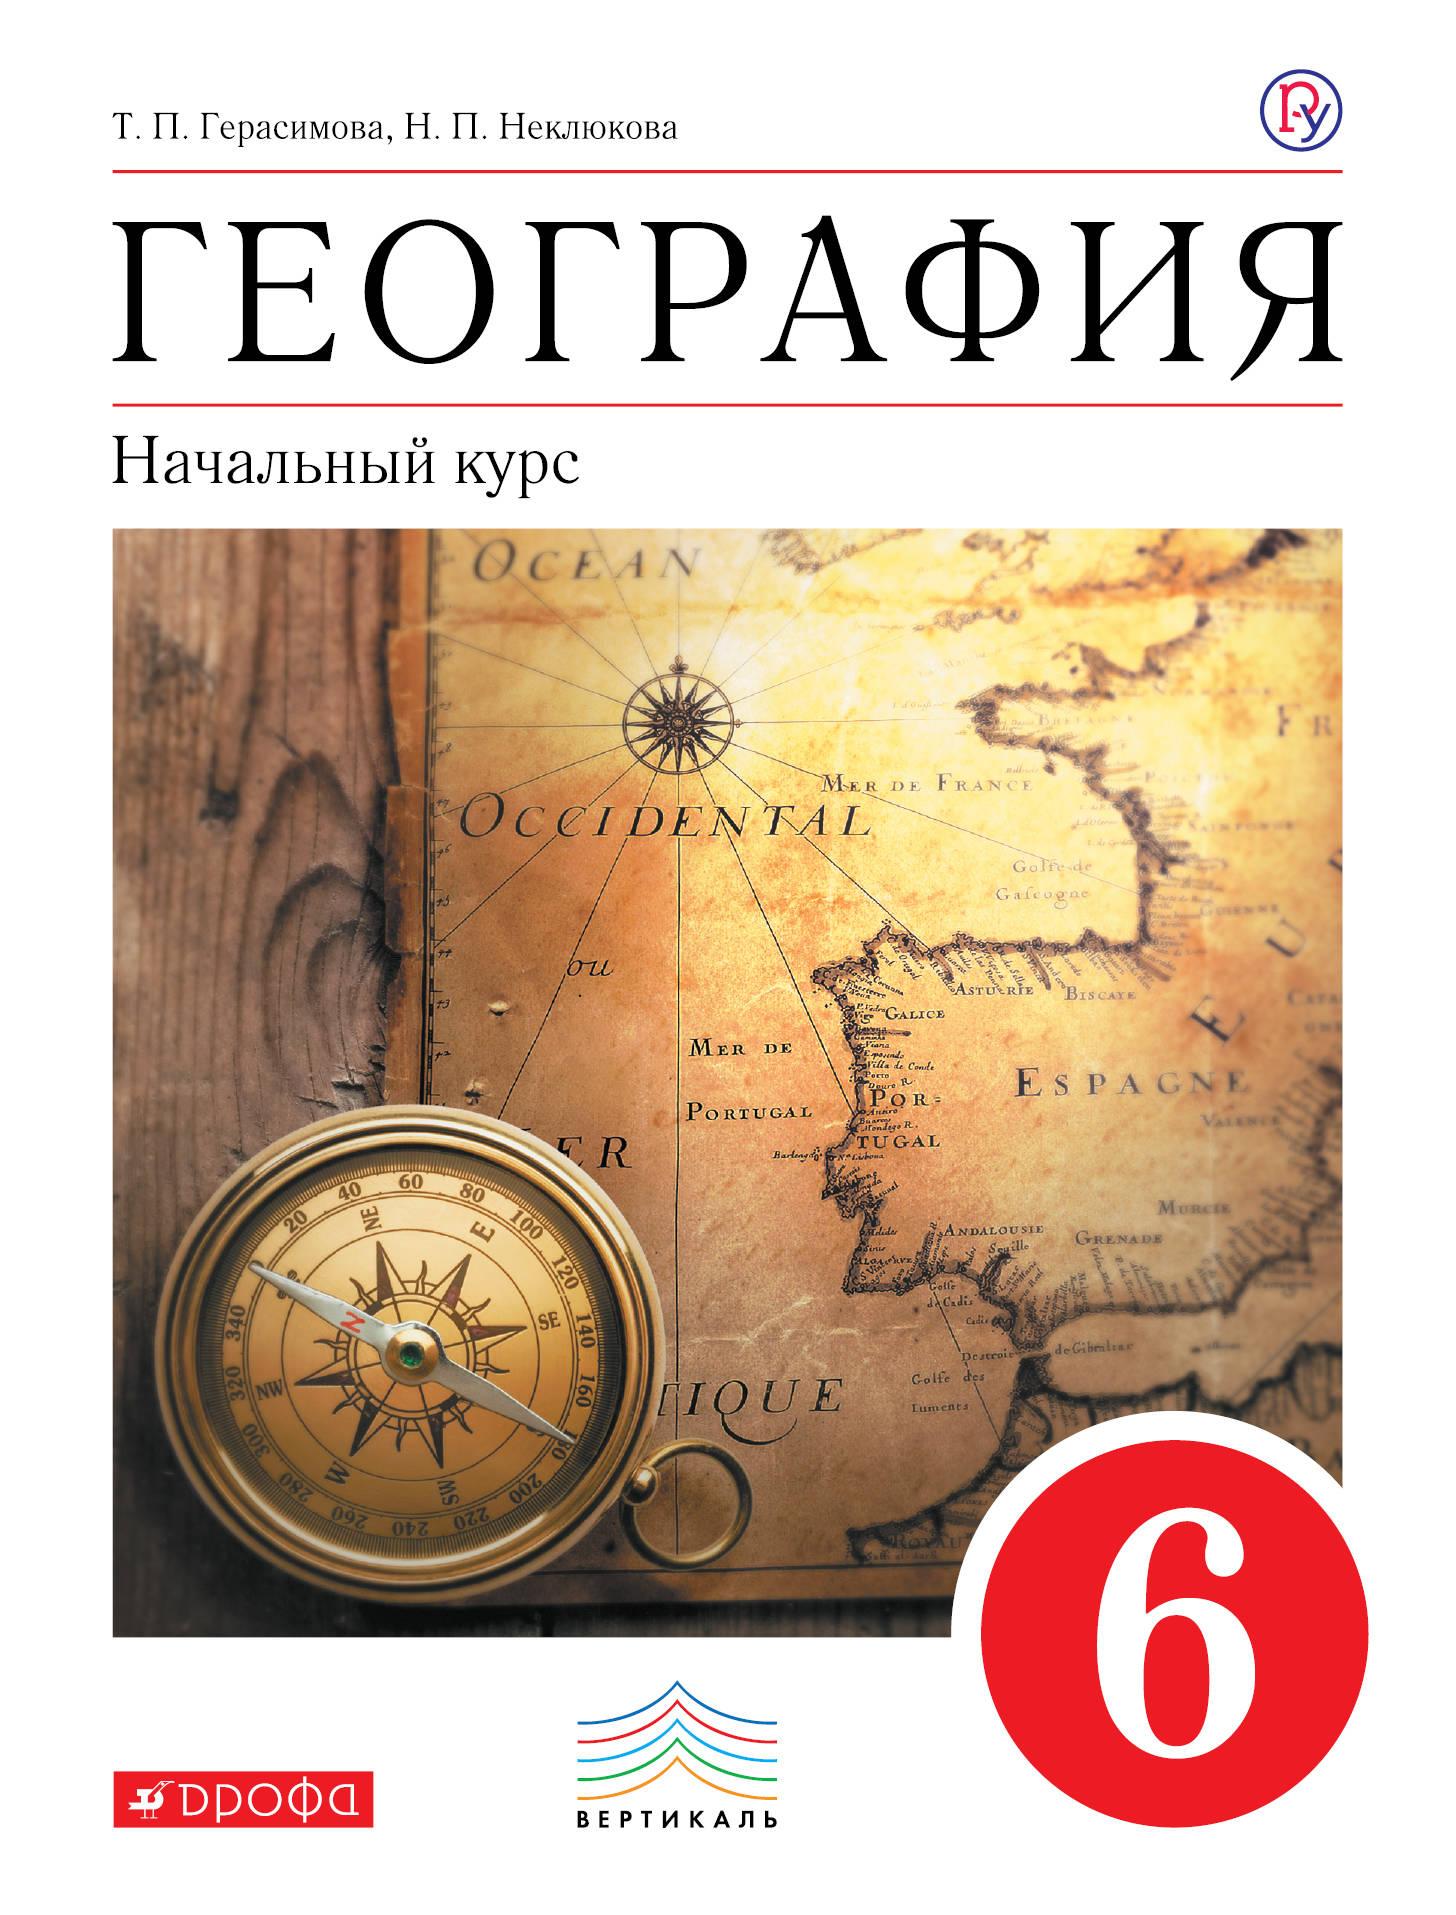 Учебник по географии герасимова грюнберг неклюкова